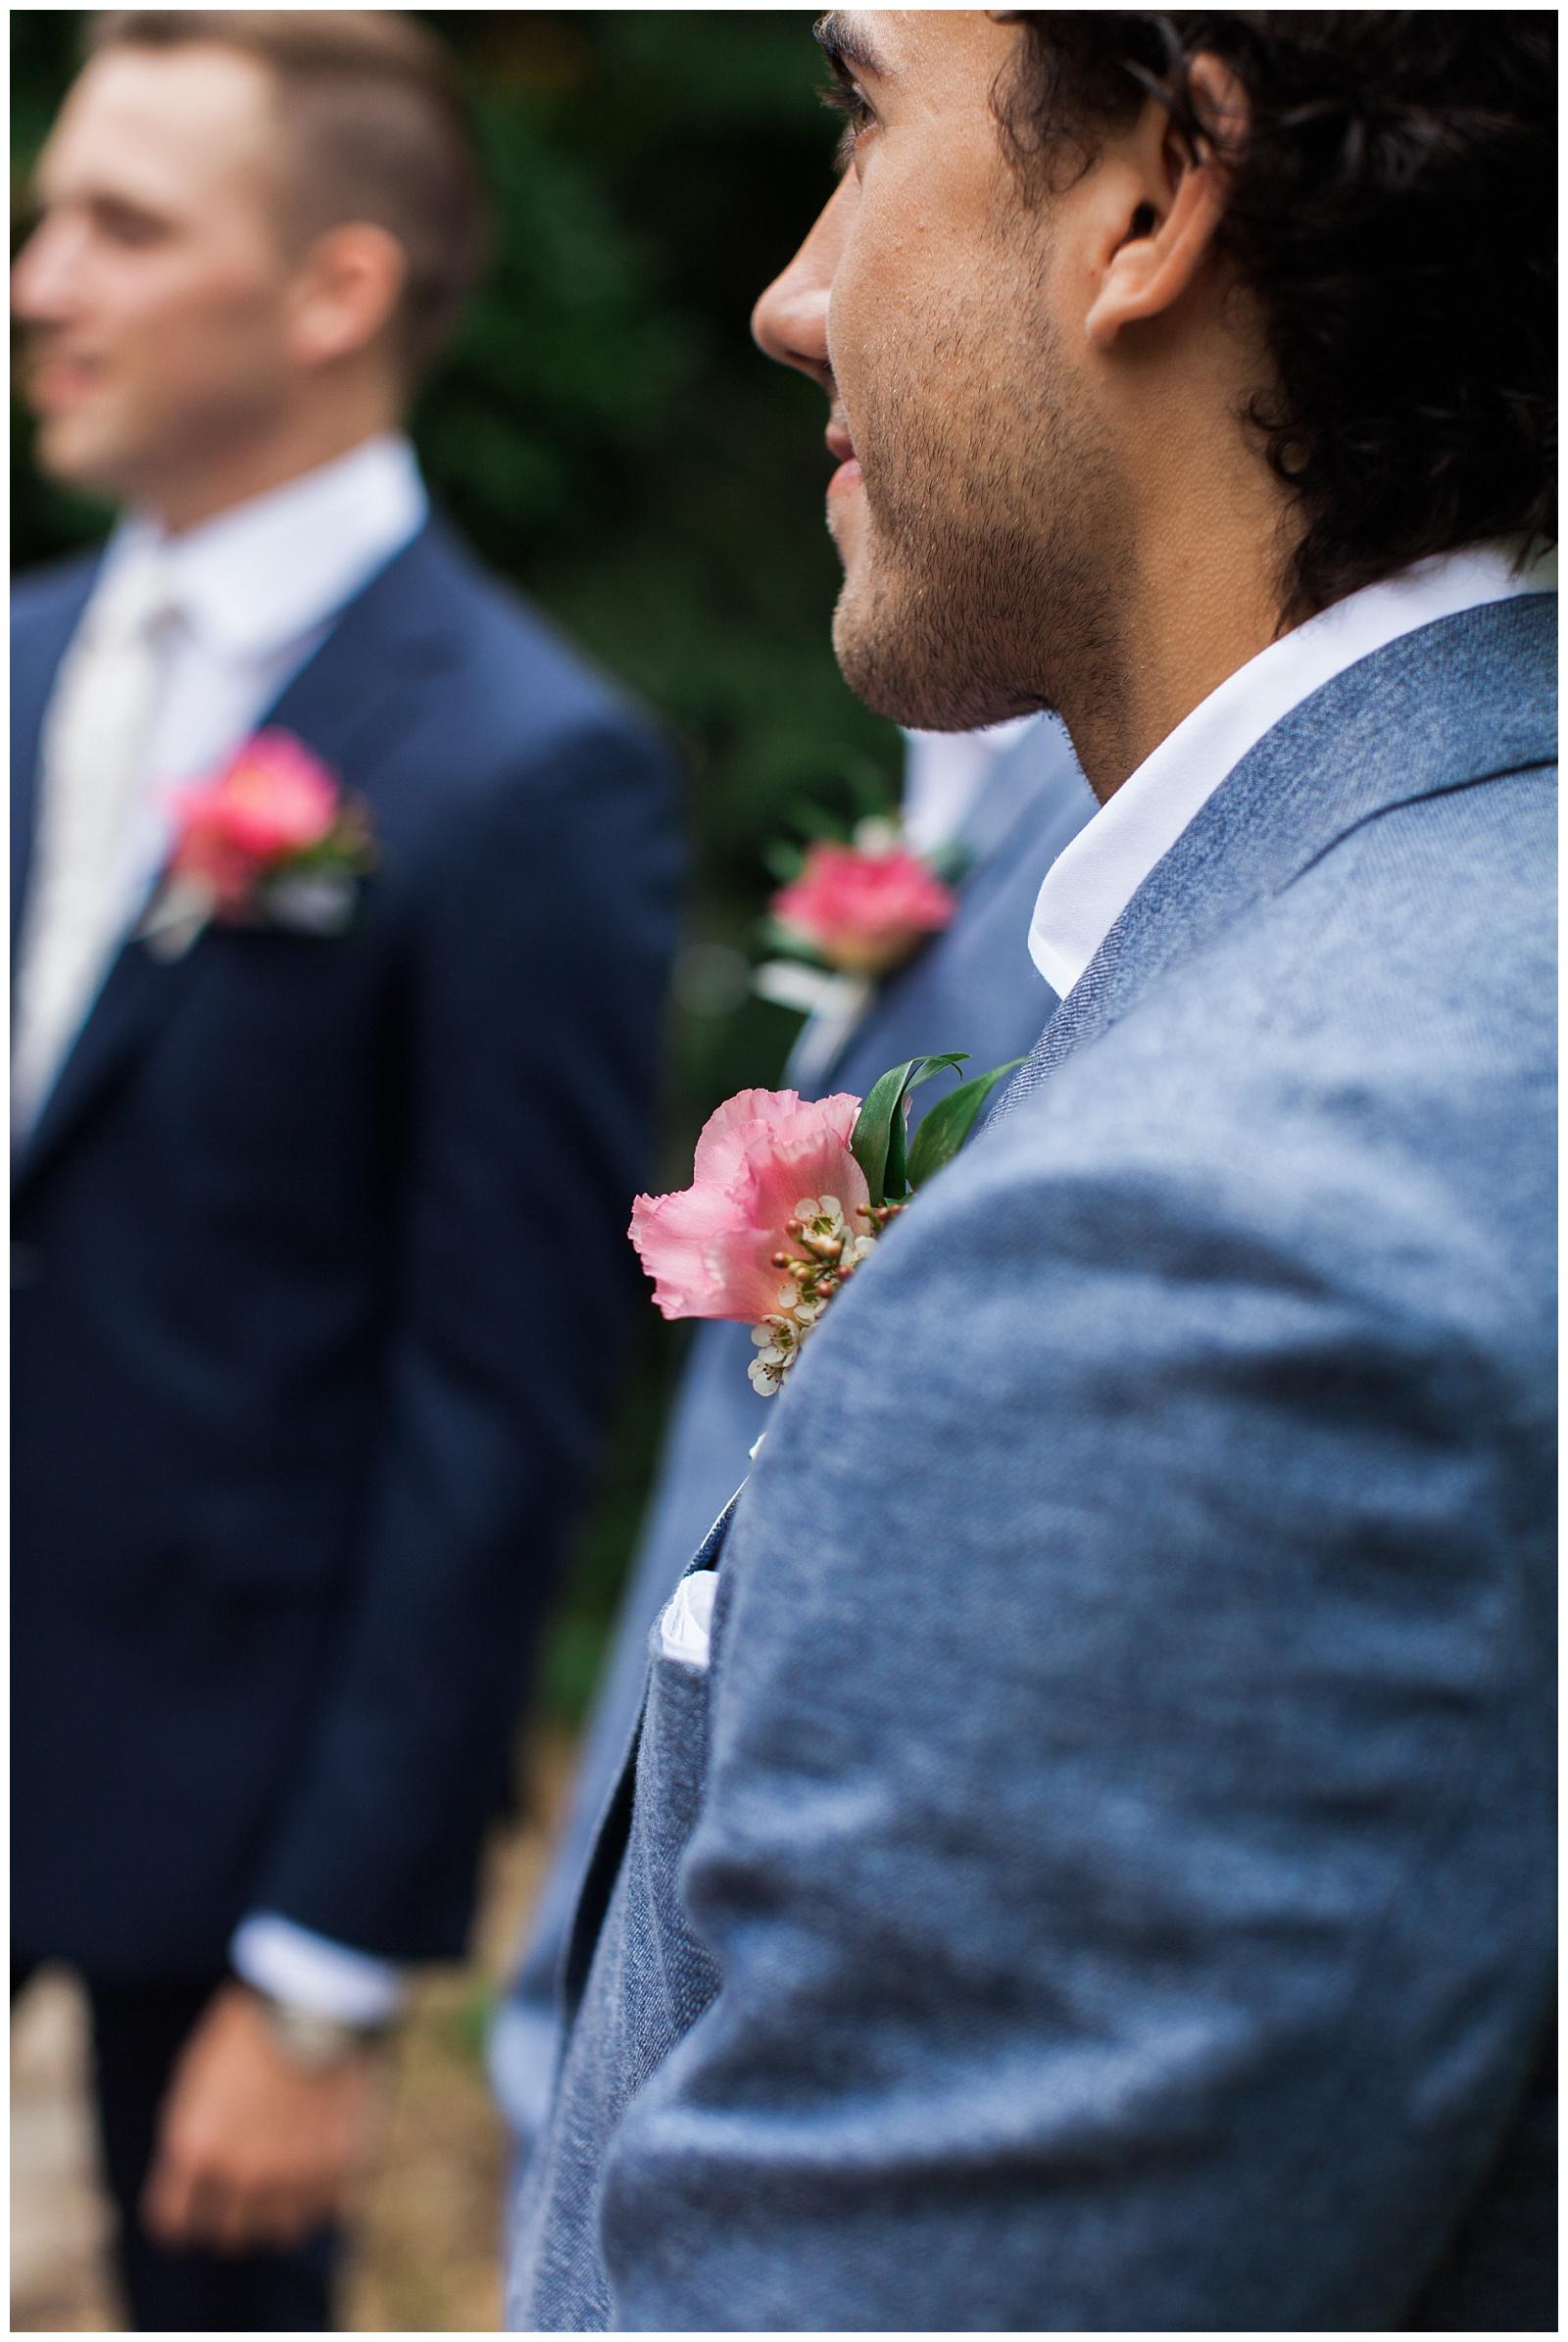 Groomsmen at Guelph Ontario Wedding | Ontario Wedding Photographer | Toronto Wedding Photographer | 3photography